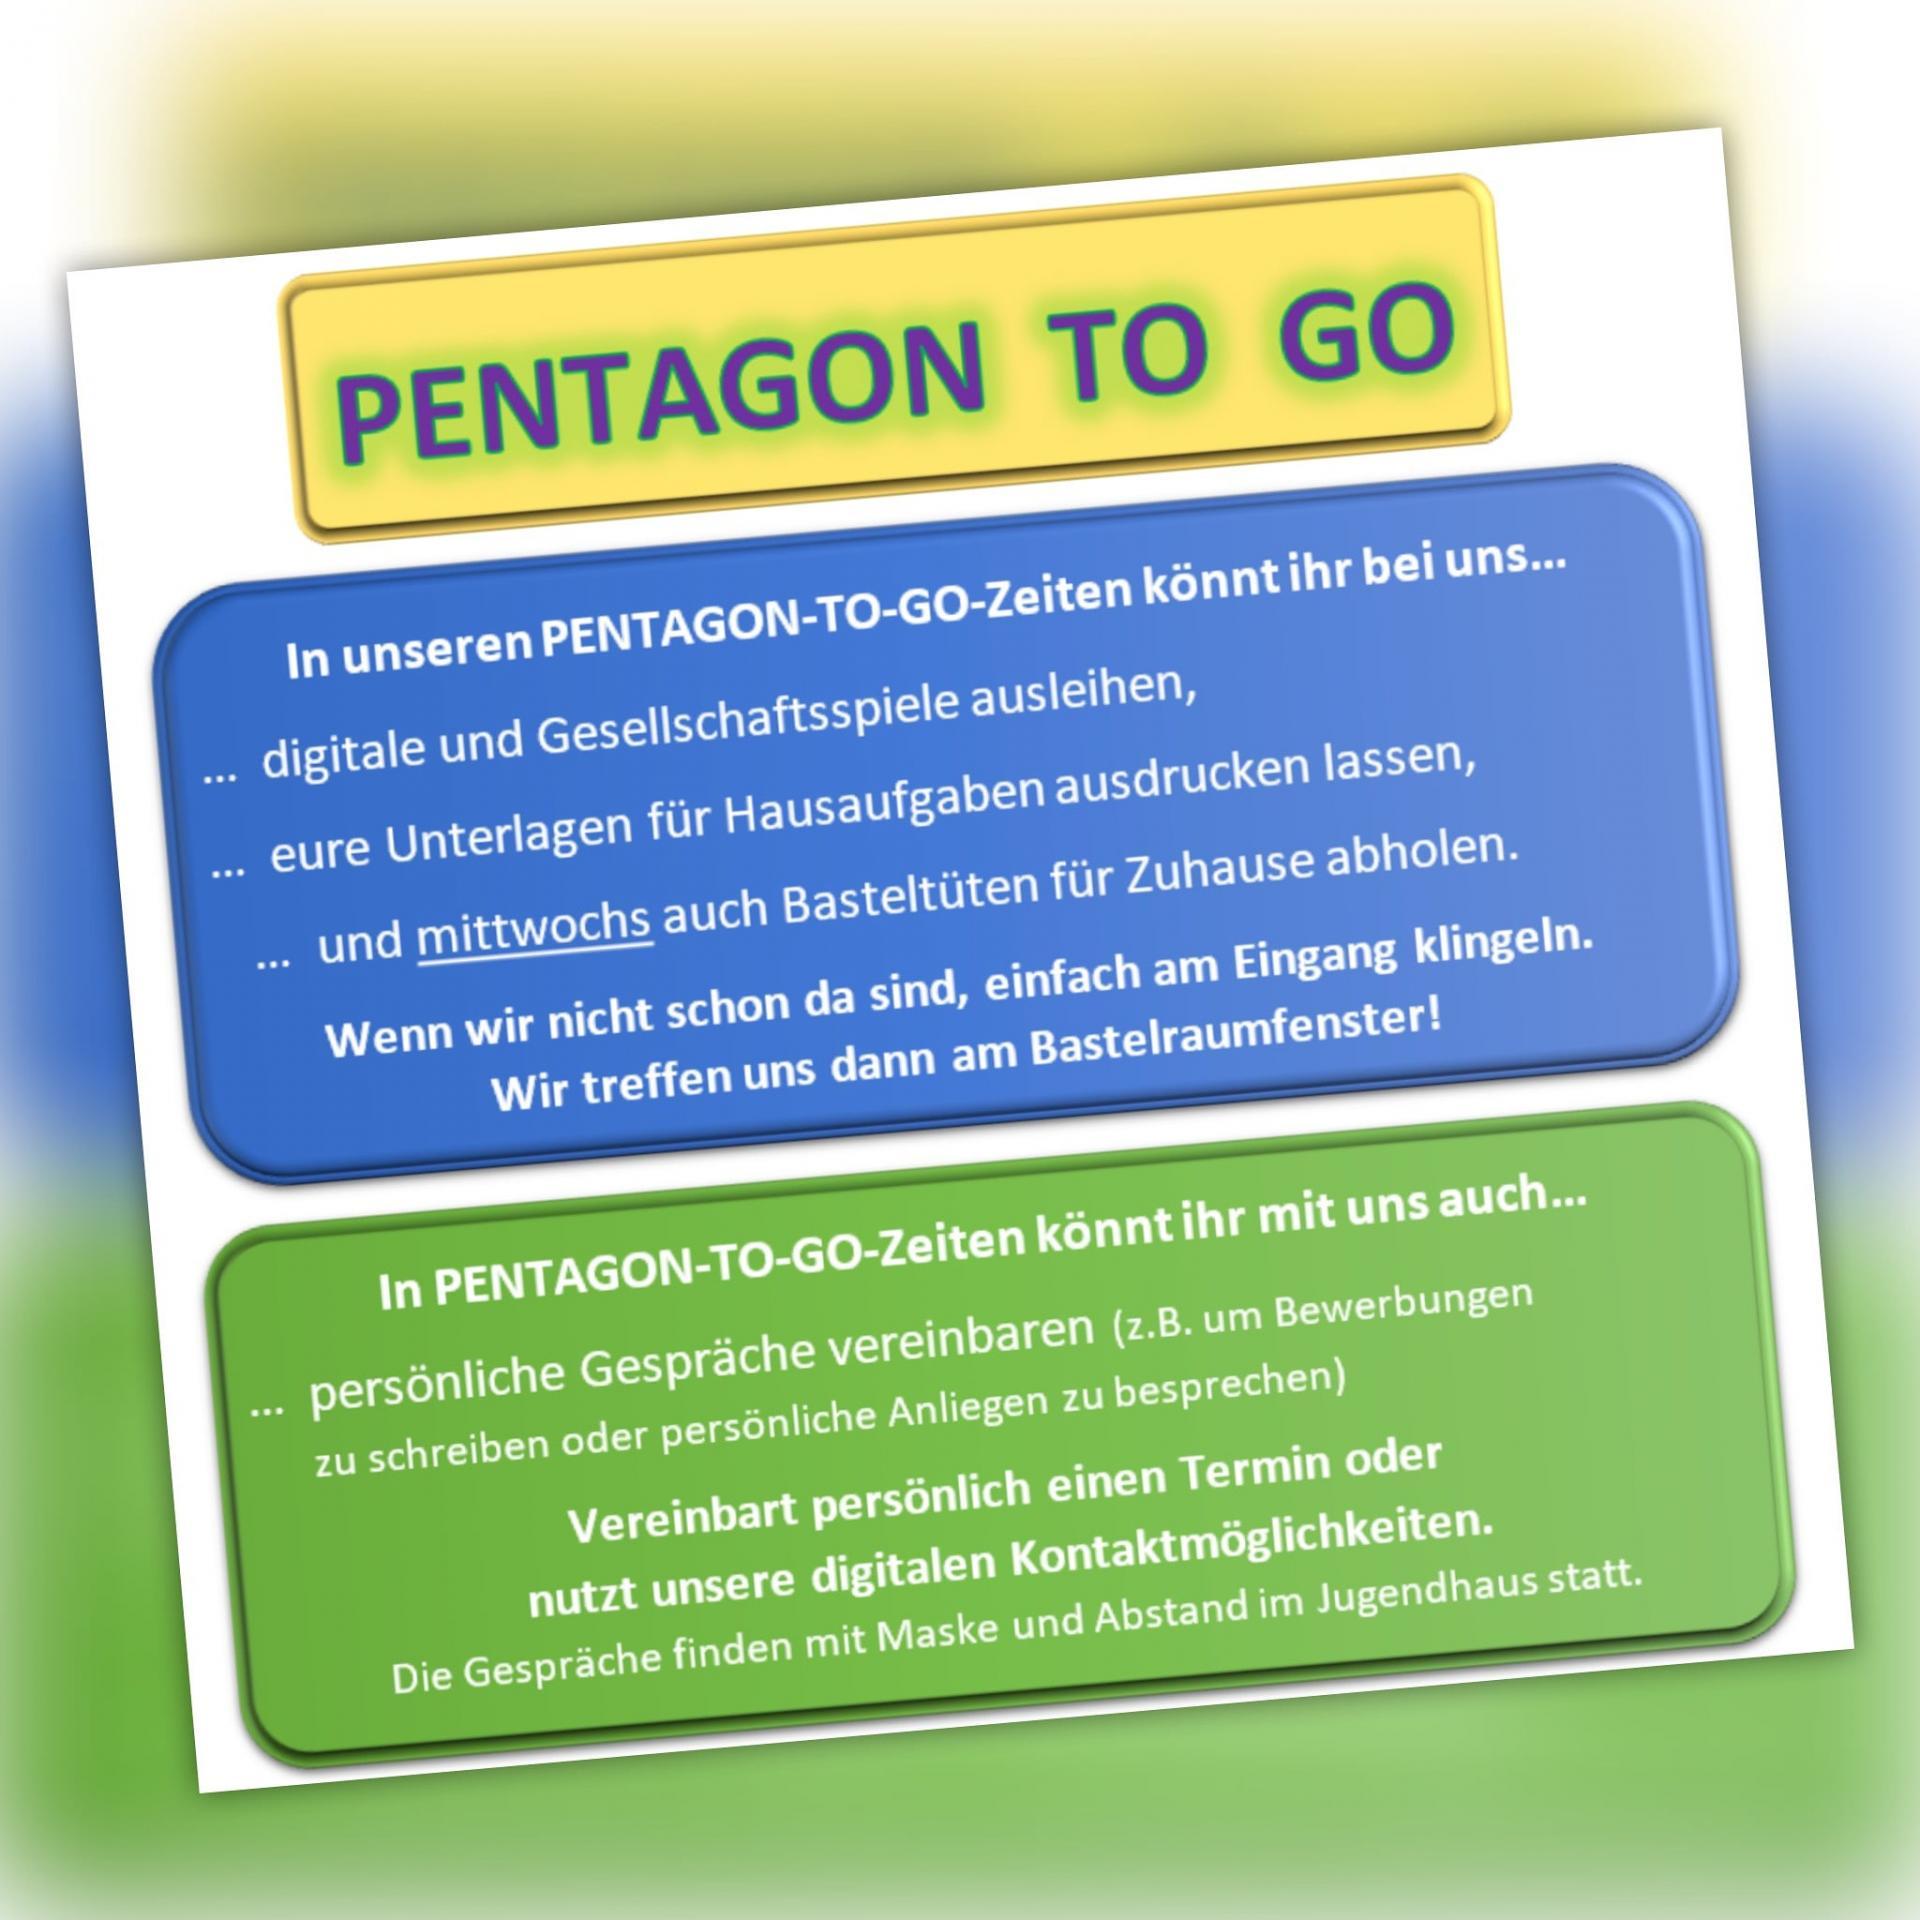 Pentagon to go